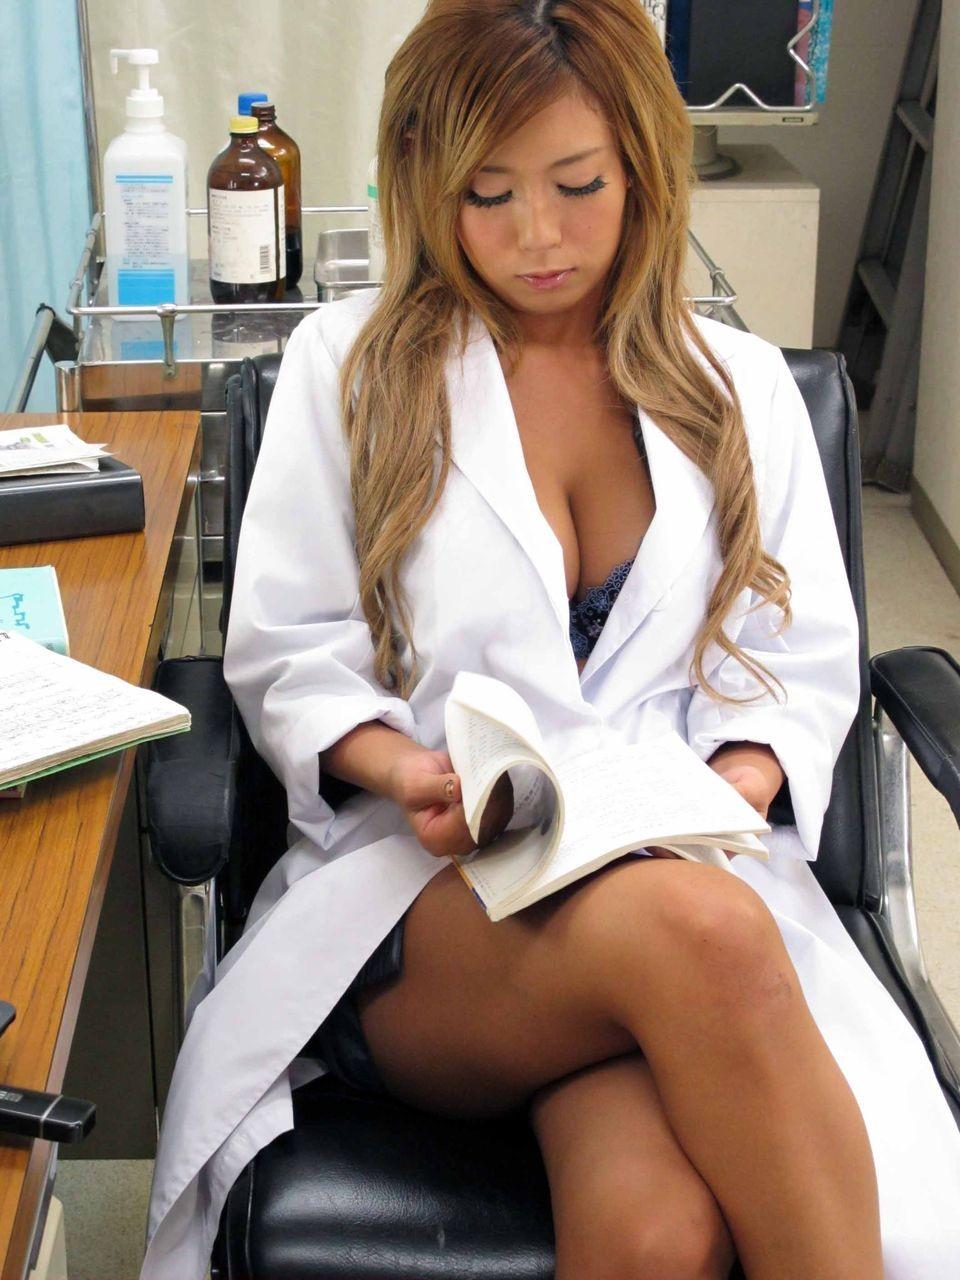 【女医エロ画像】脚を組み直しがら冷淡な視線を向ける…これが理想の痴的女医www 16